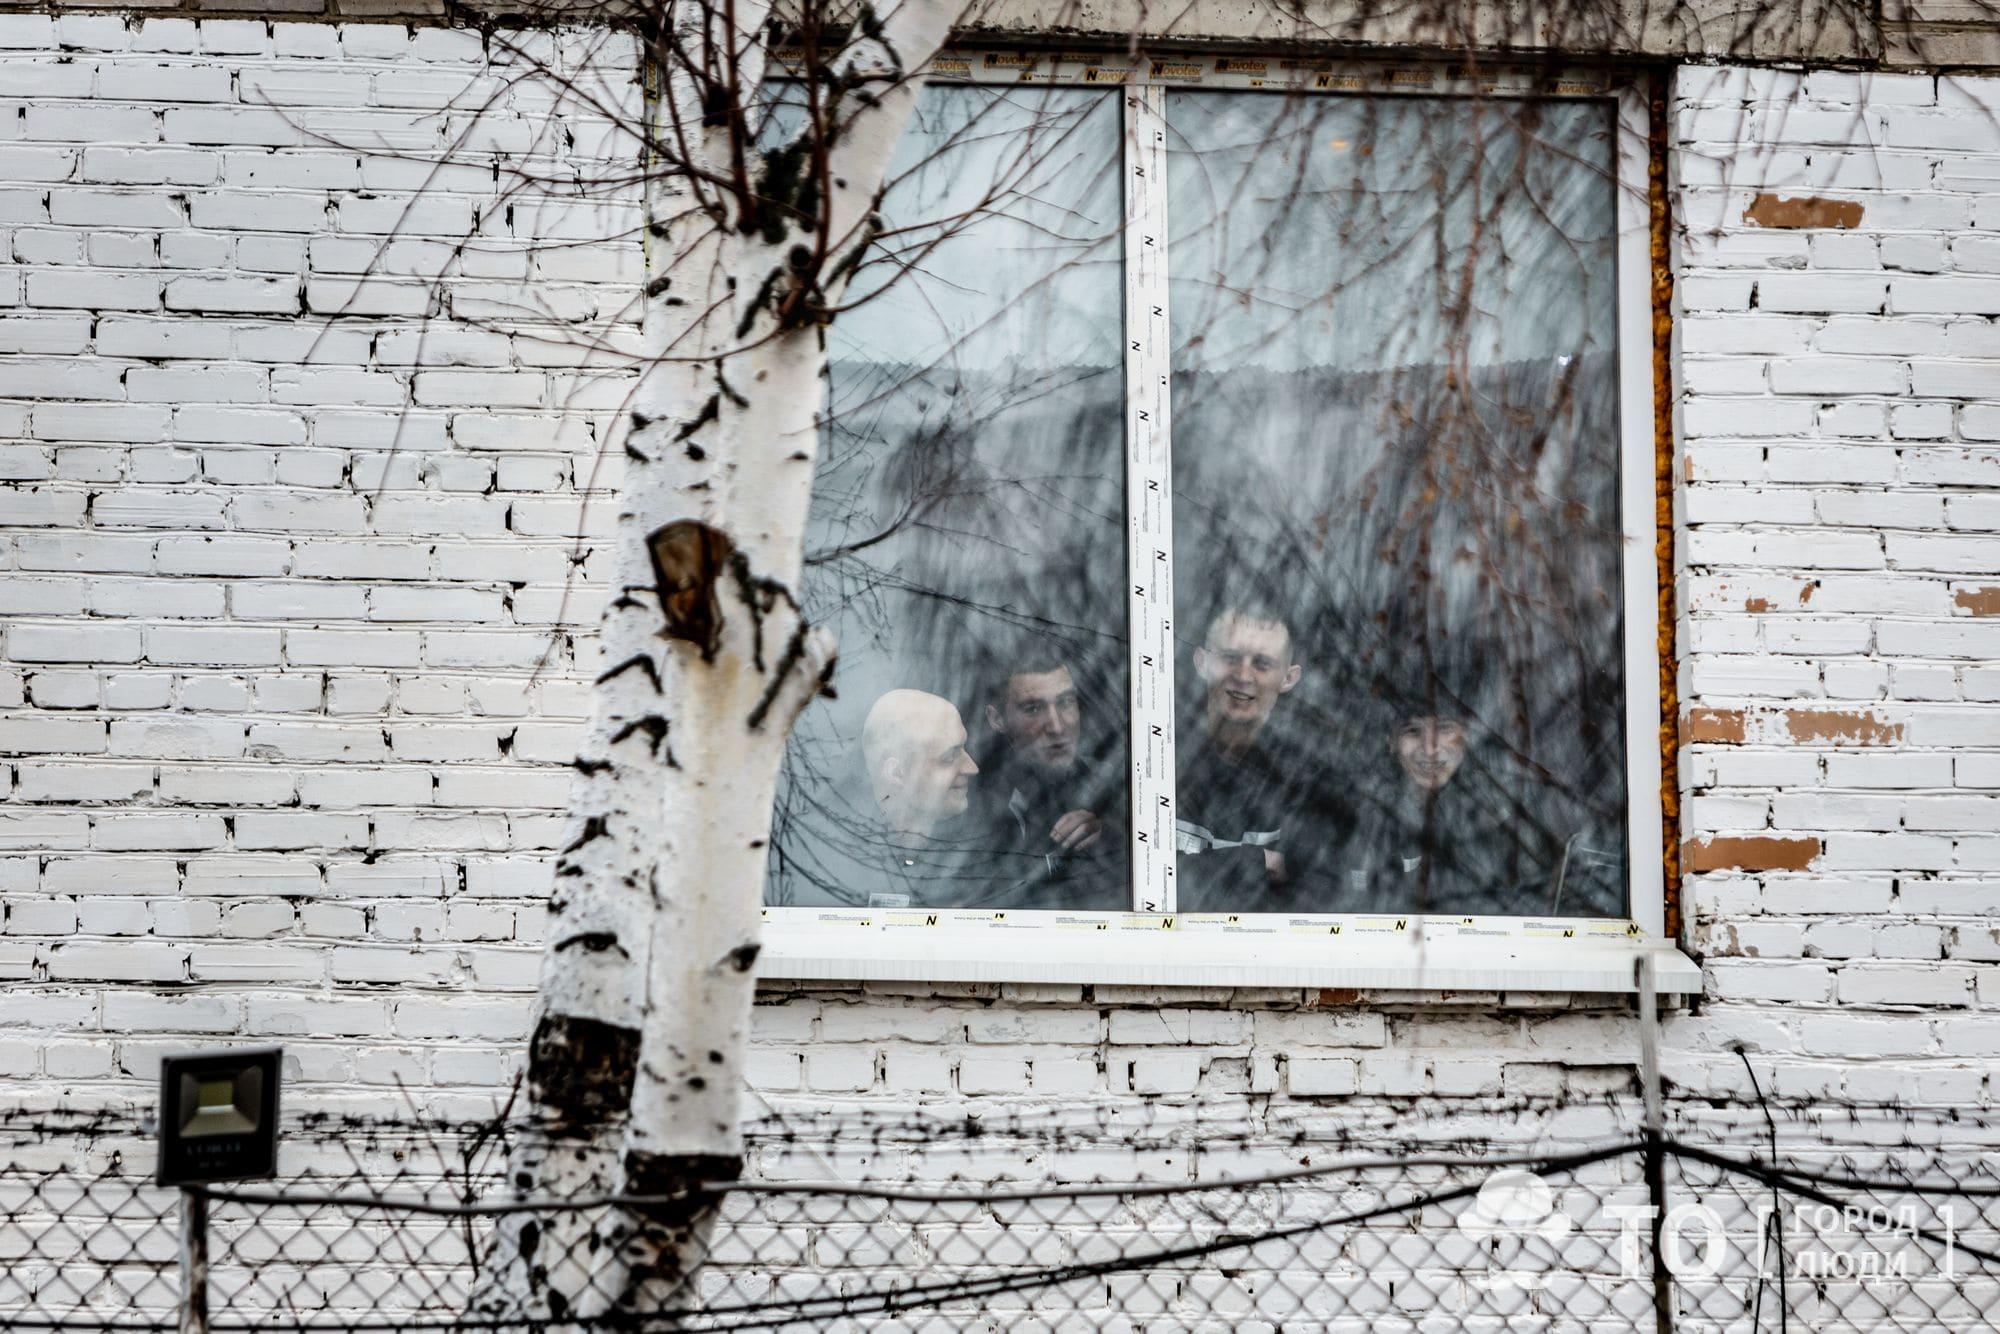 Соседи по неволе: рецидивистов и впервые осужденных разместят рядом